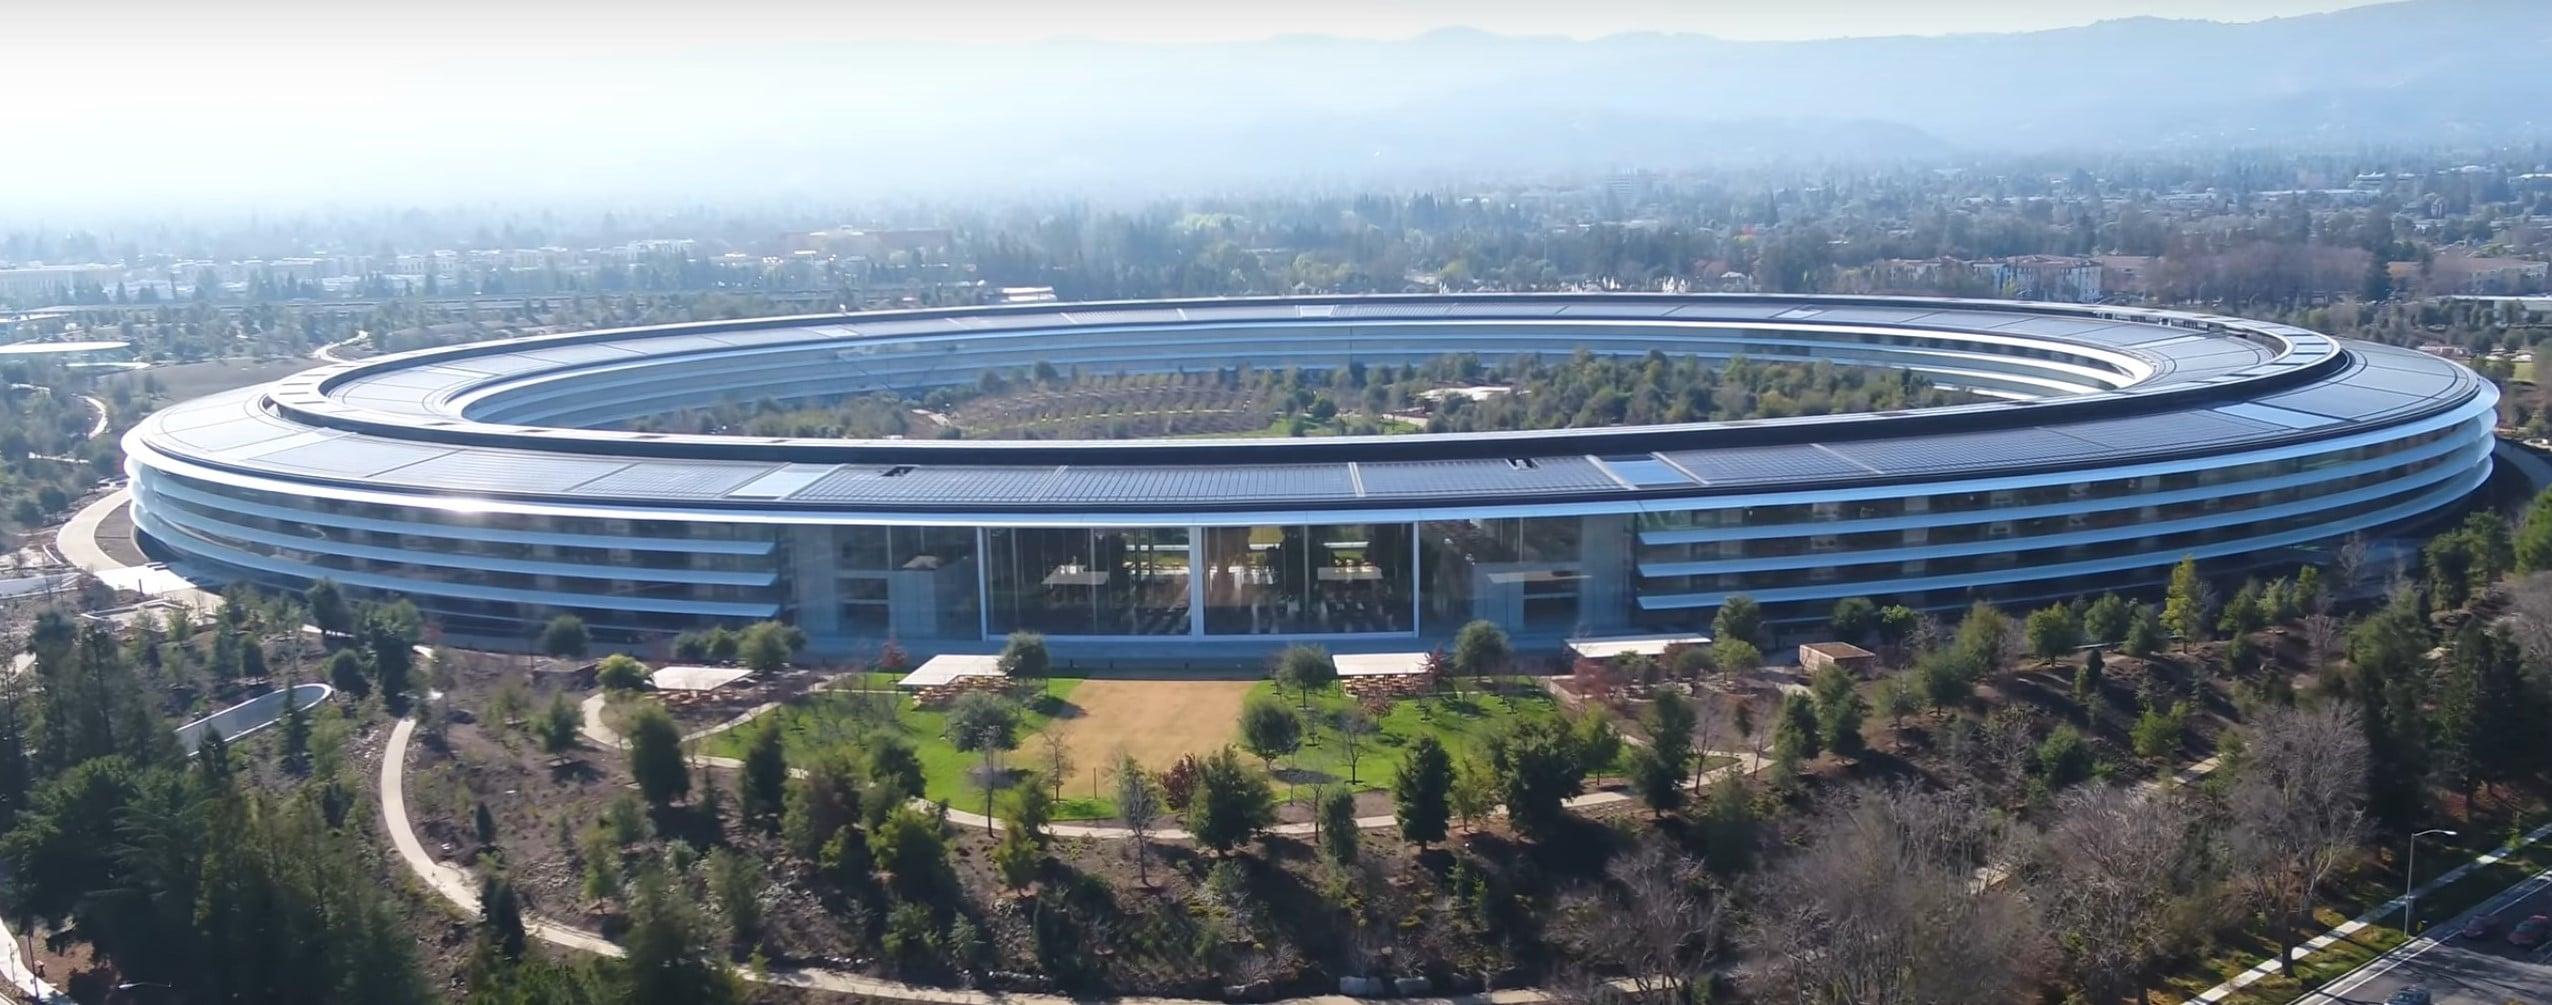 Apple Park na liście najdroższych budowli na świecie 14